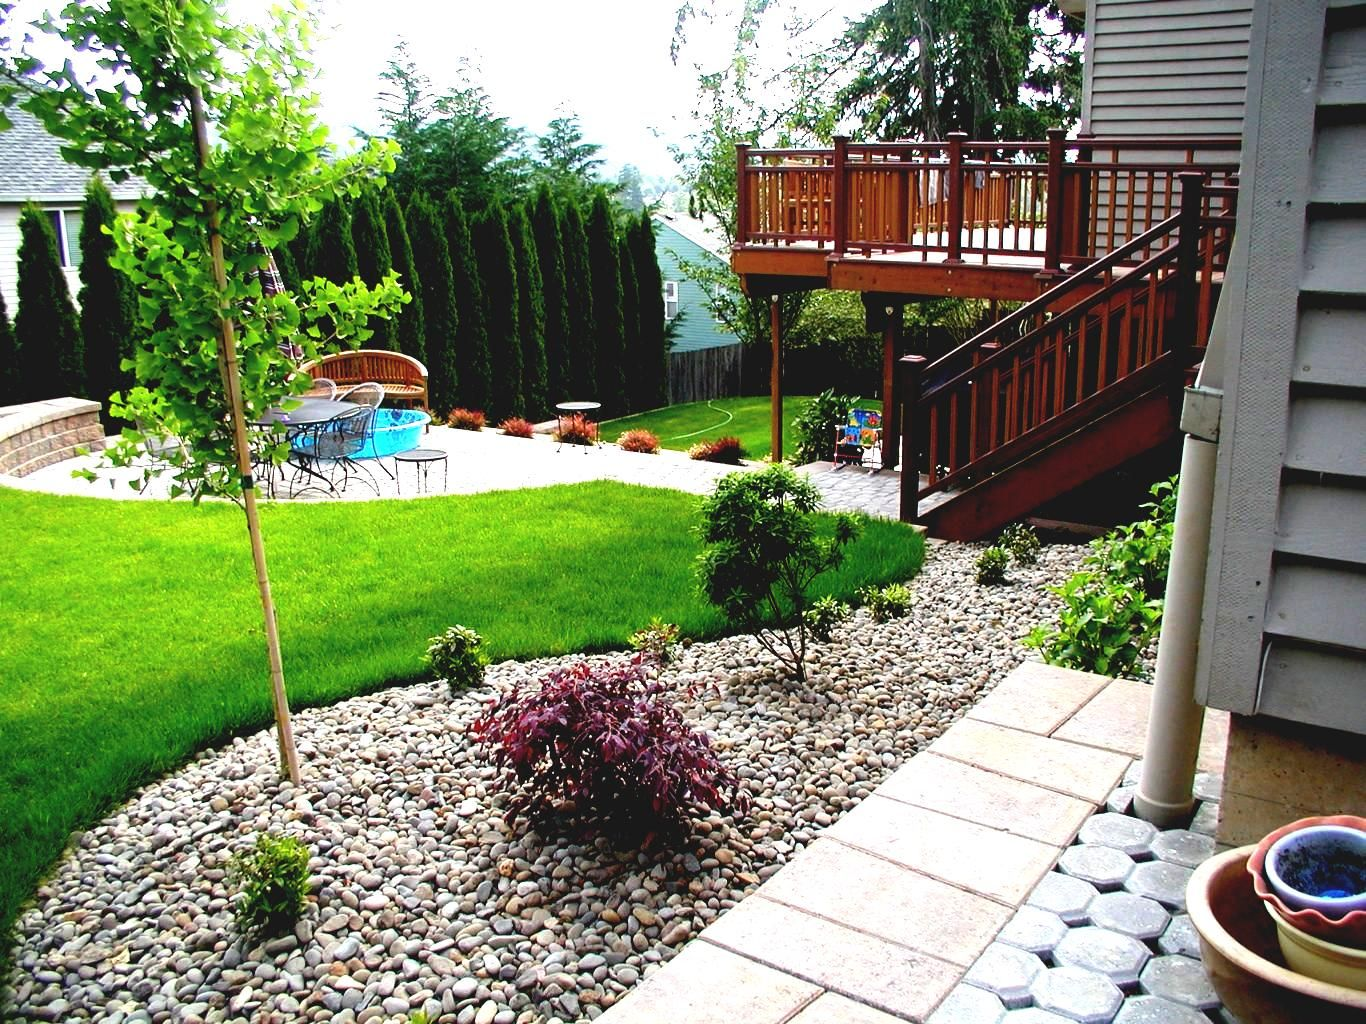 AuBergewohnlich Hinterhof Ideen Auf Einem Budget Ihre #Gartendeko